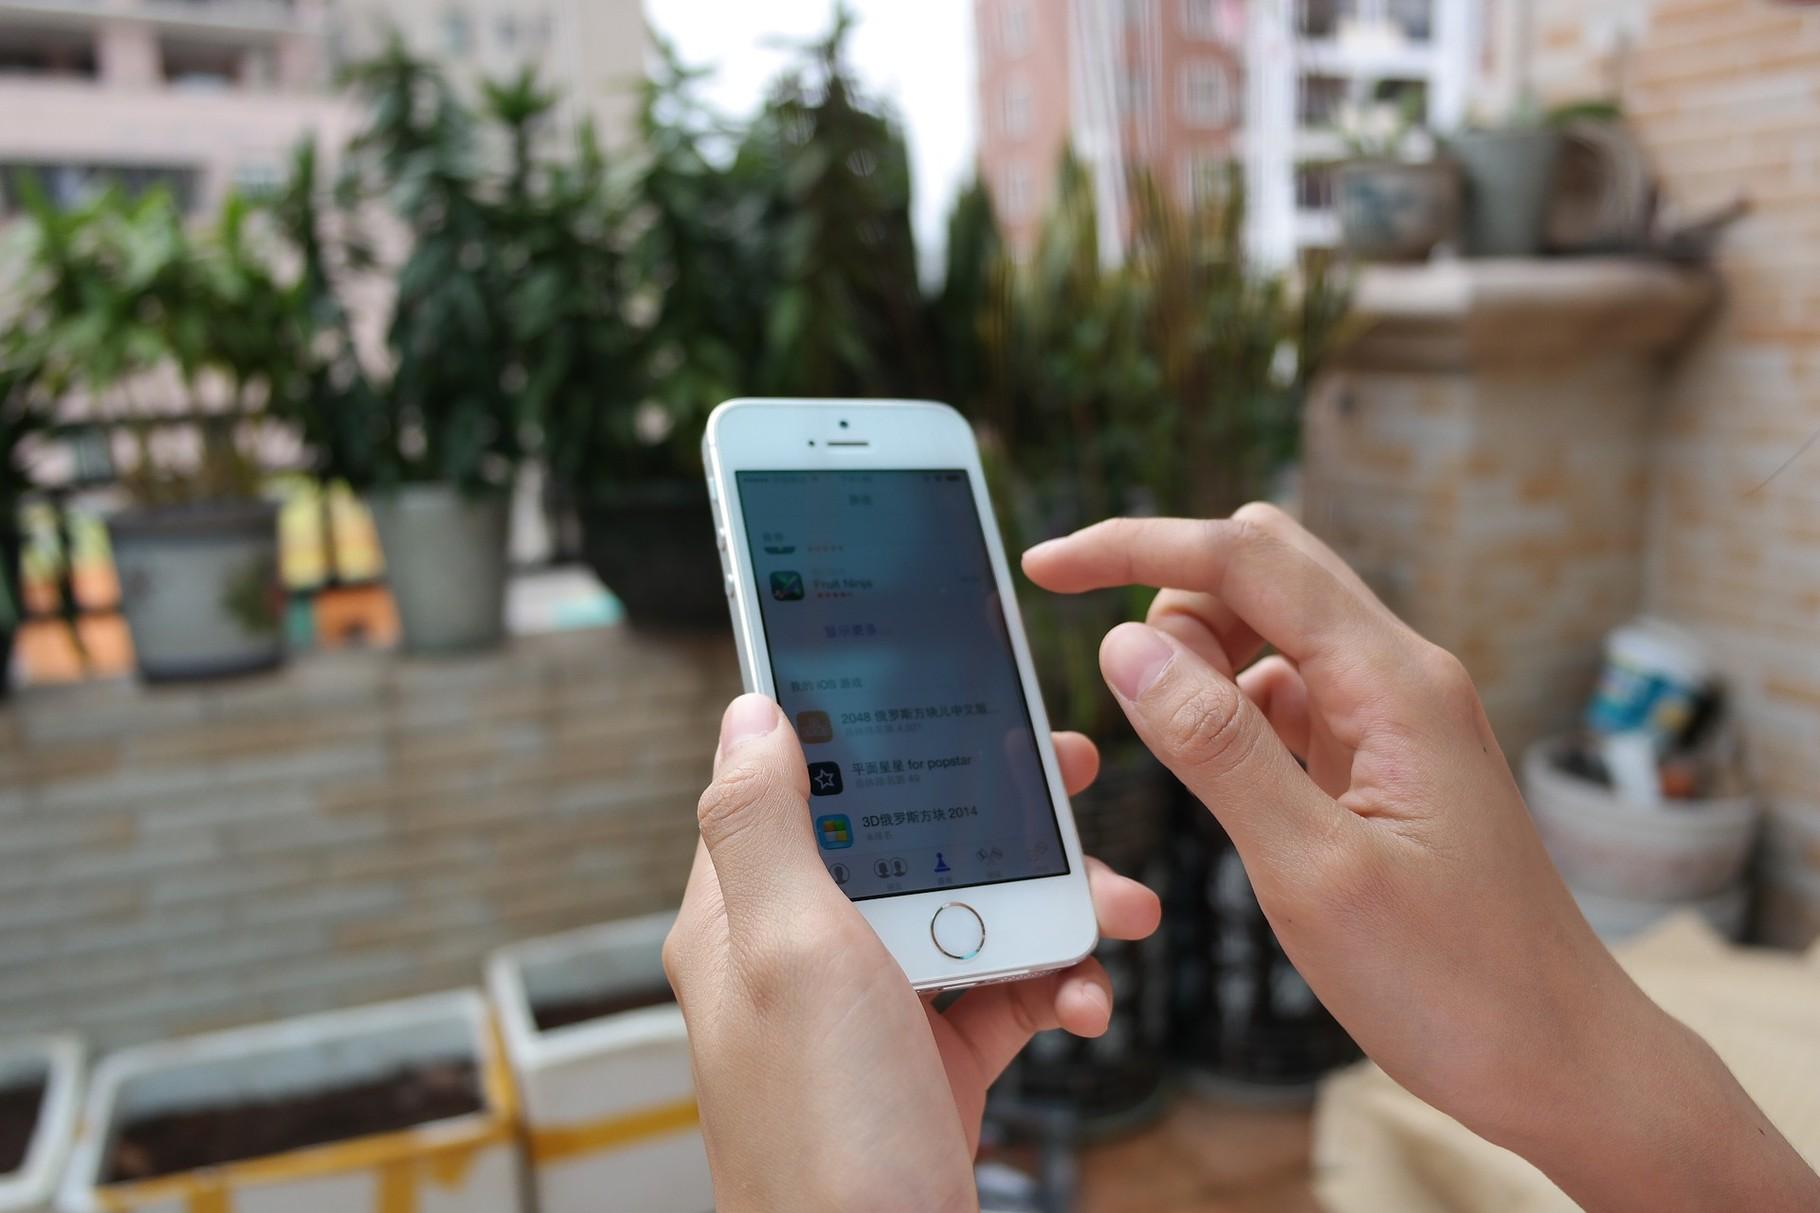 1. Benutze dein Smartphone nur noch wenn es notwendig ist. Vermeide daher unnötiges Hin-und Herscrollen auf Seiten die dir nichts nützen. Welche das sind weiß jeder von uns am besten =)